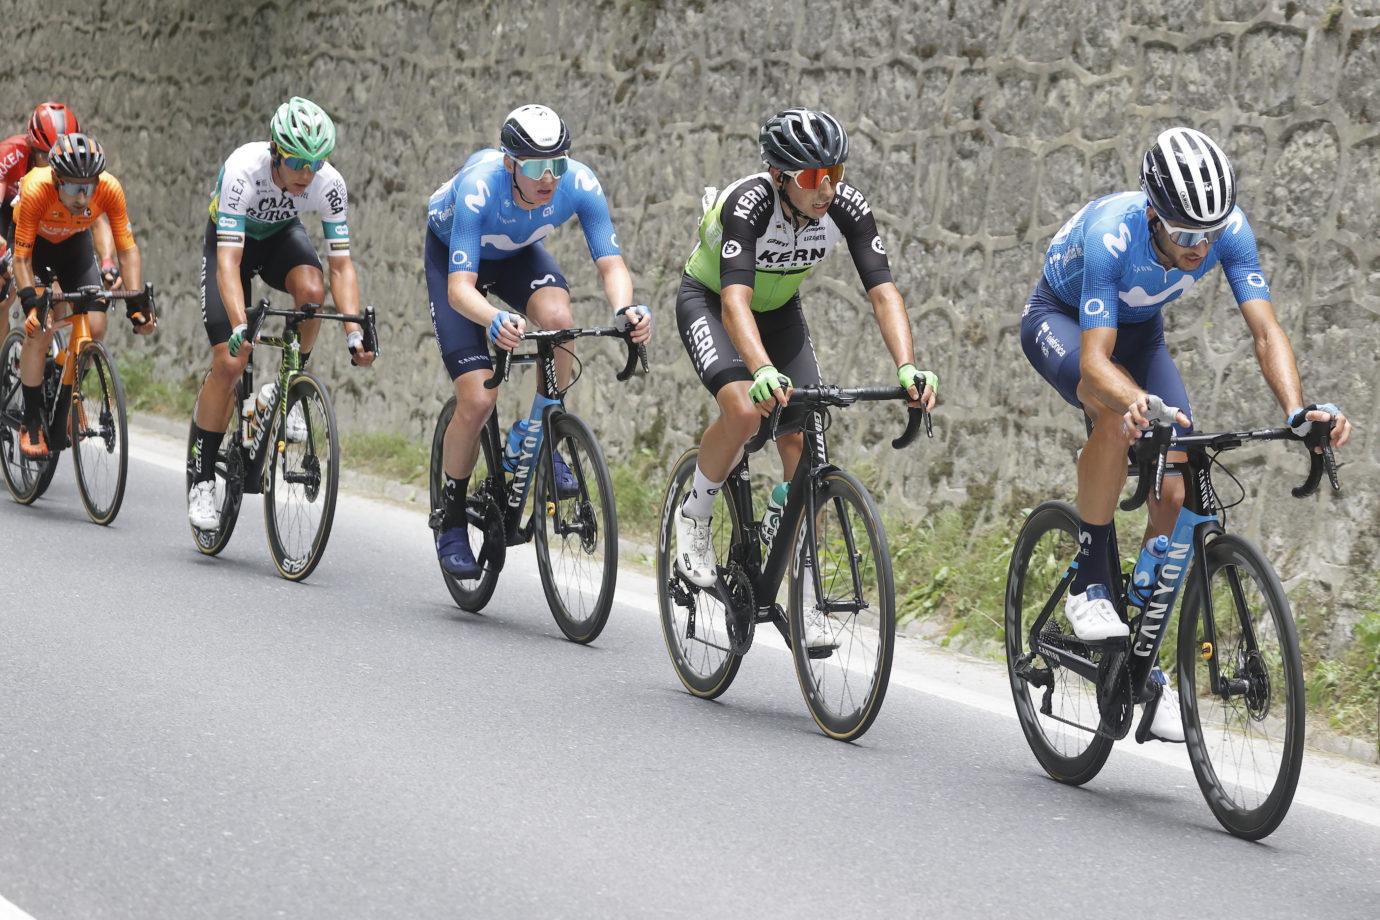 Imagen de la noticia 'Carretero (4th) just off podium at Ordizia classic'